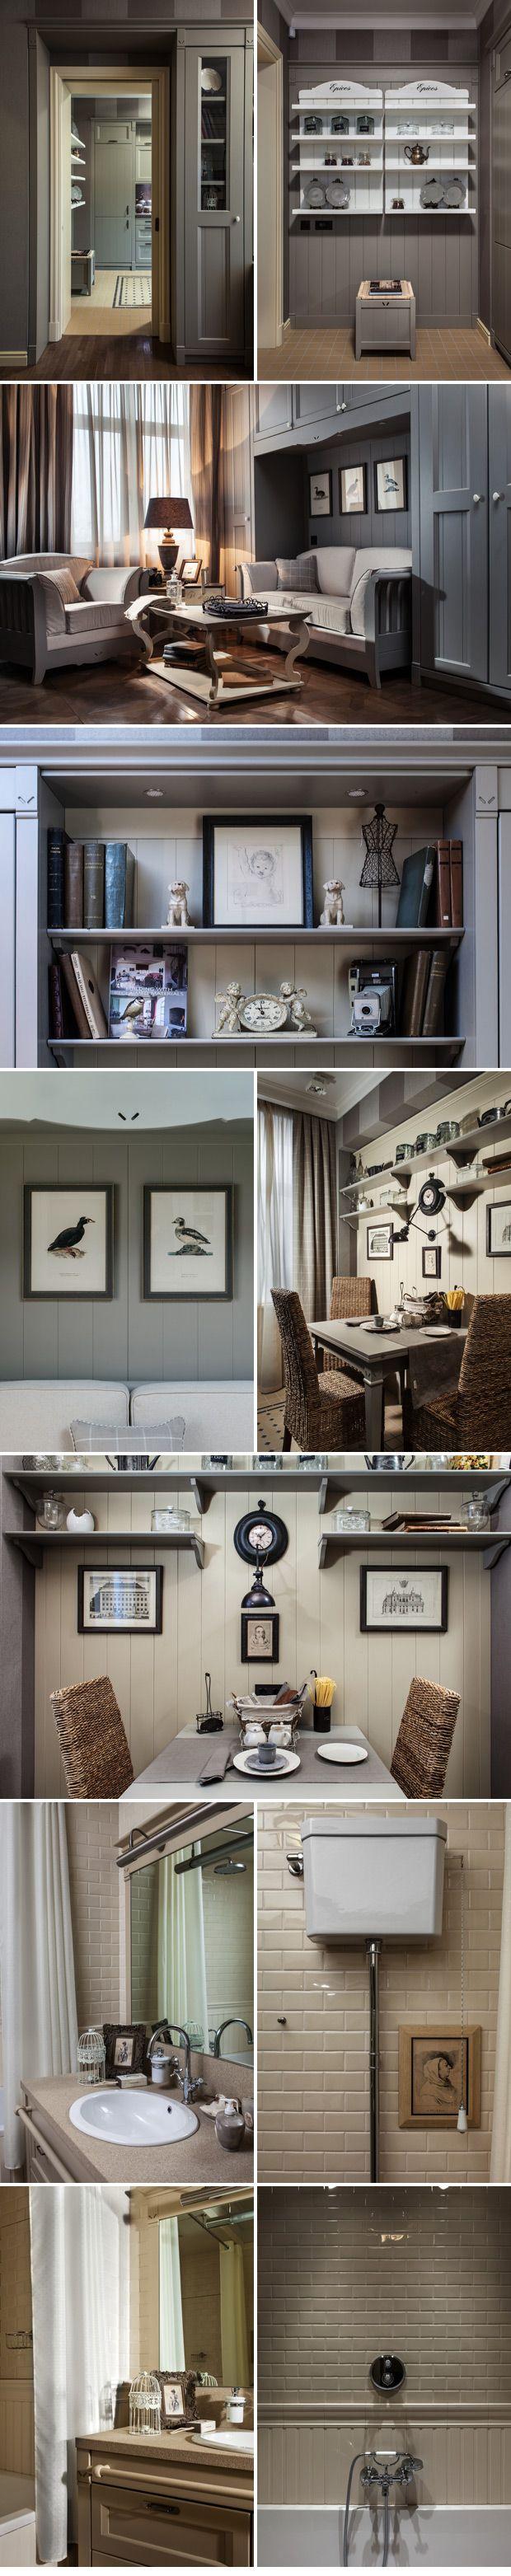 Московский Прованс | Westwing интерьер & дизайн